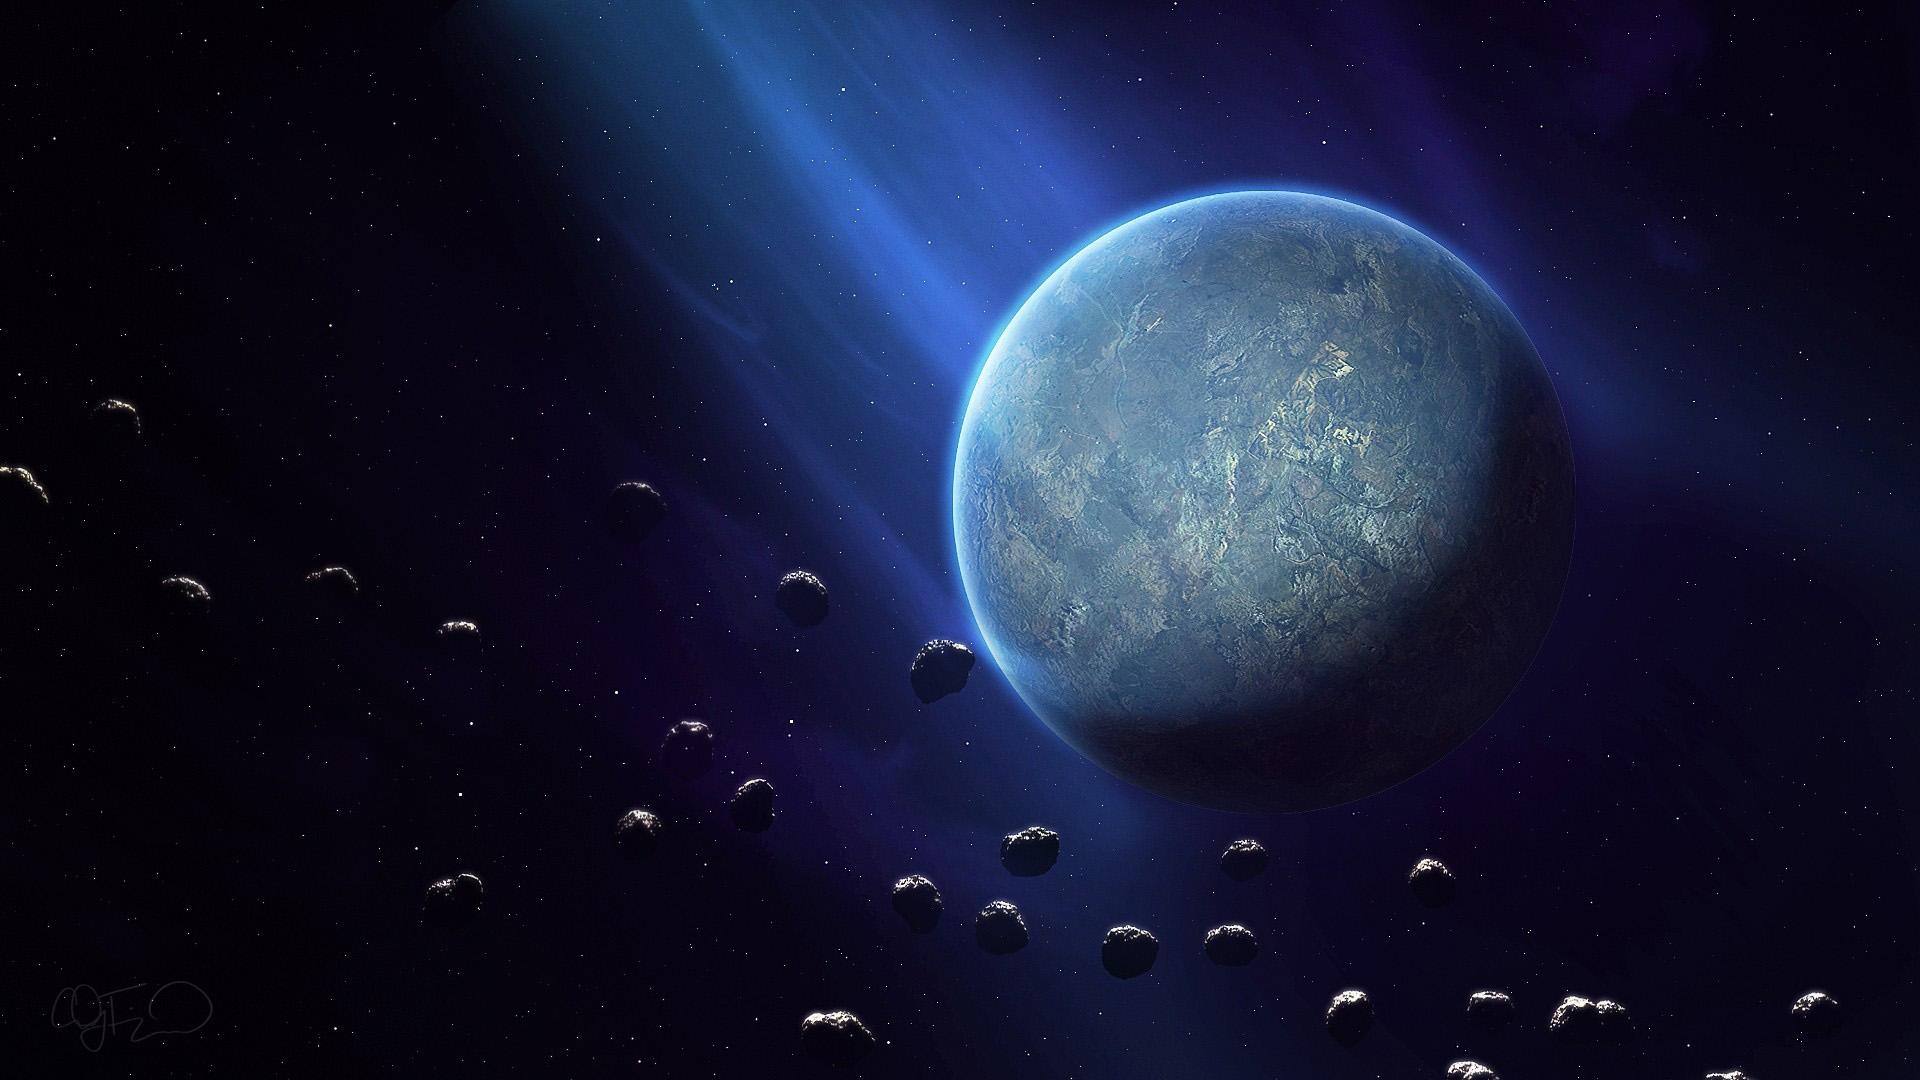 Красивые и прикольные картинки звезд и планет на рабочий стол №6 8